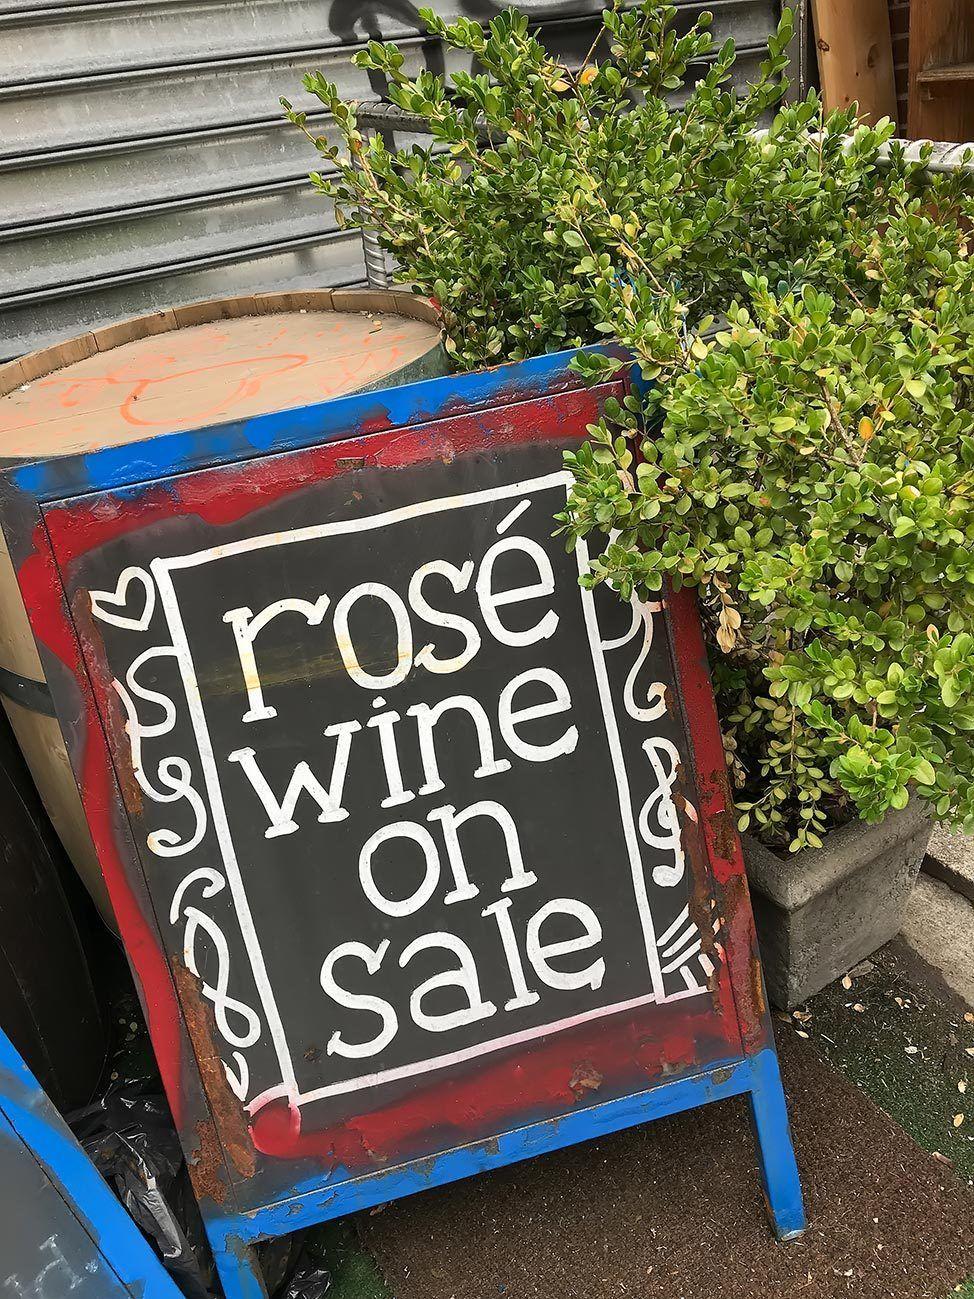 Rose wine on sale